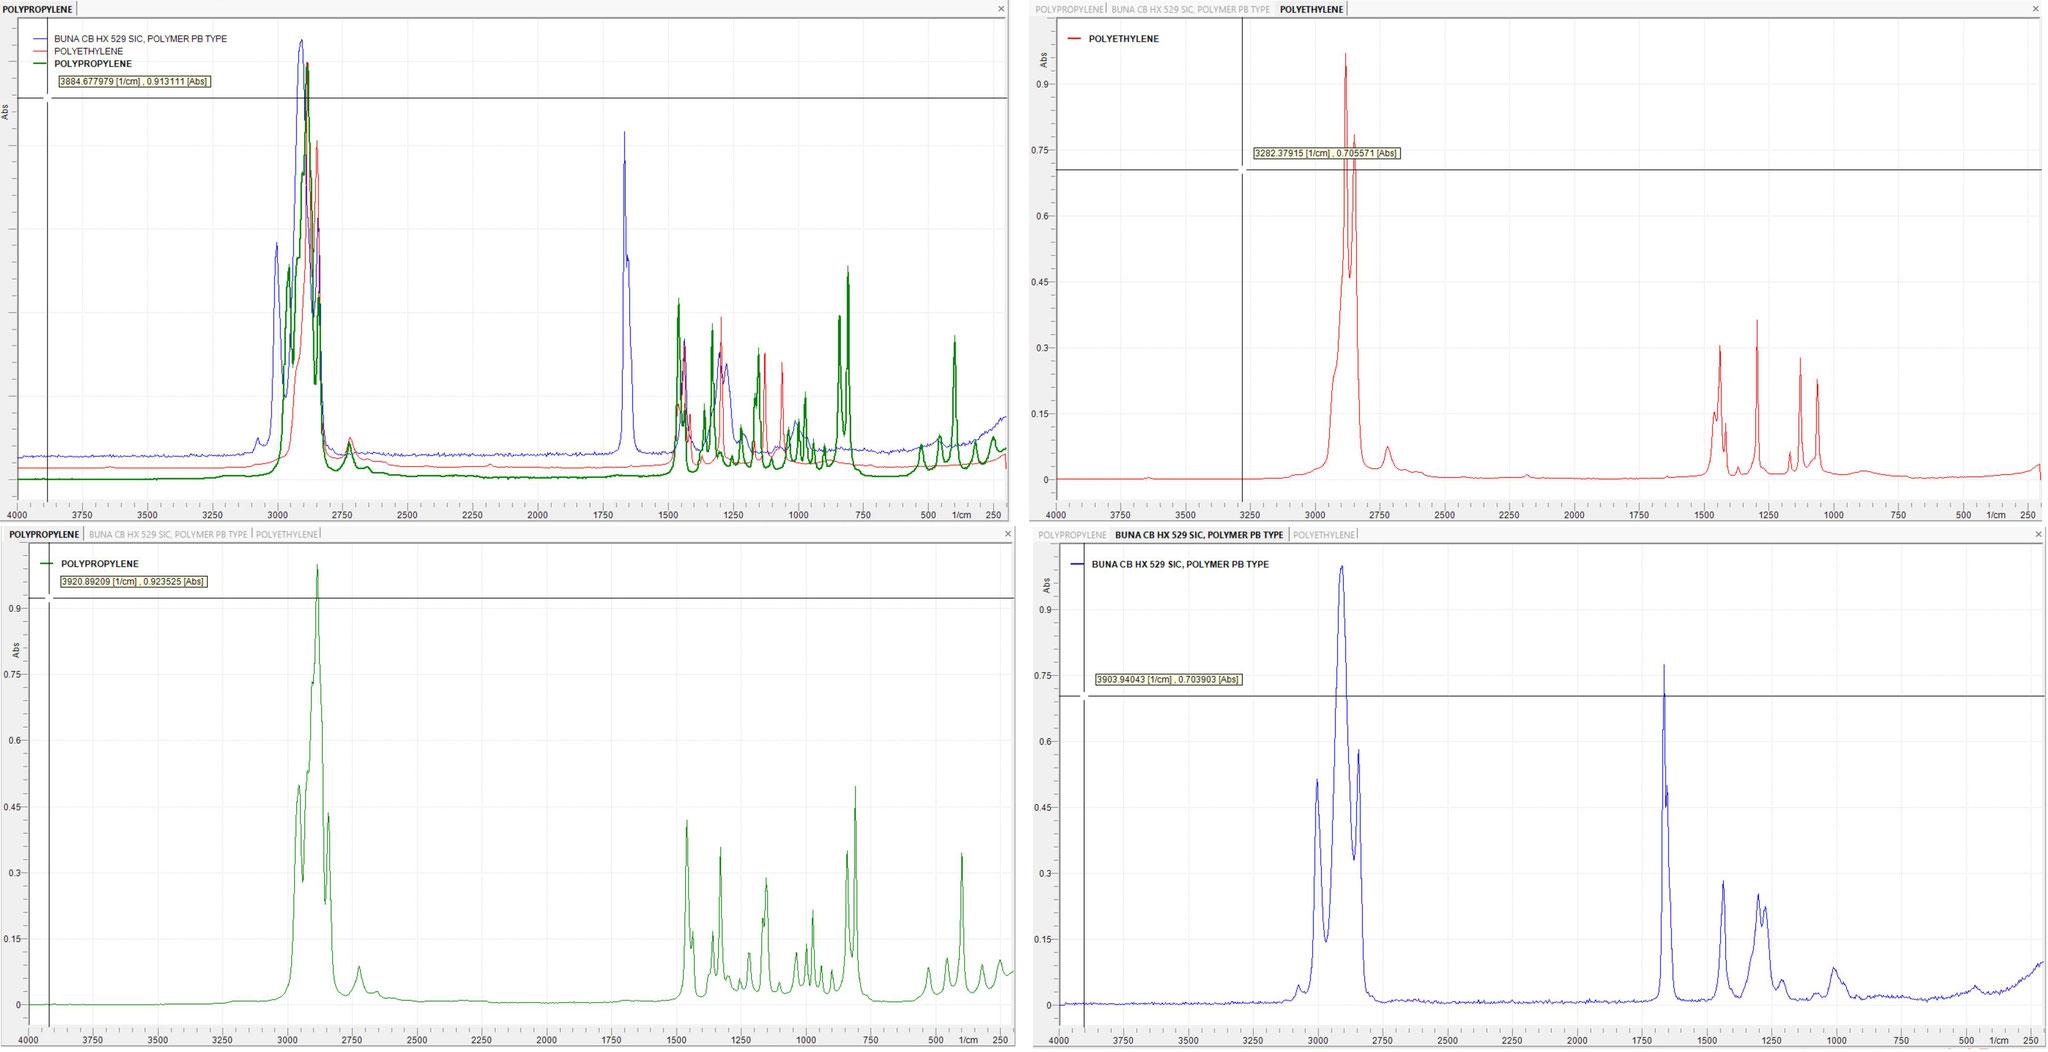 Raman spectra of PE, PET, PBT, PP